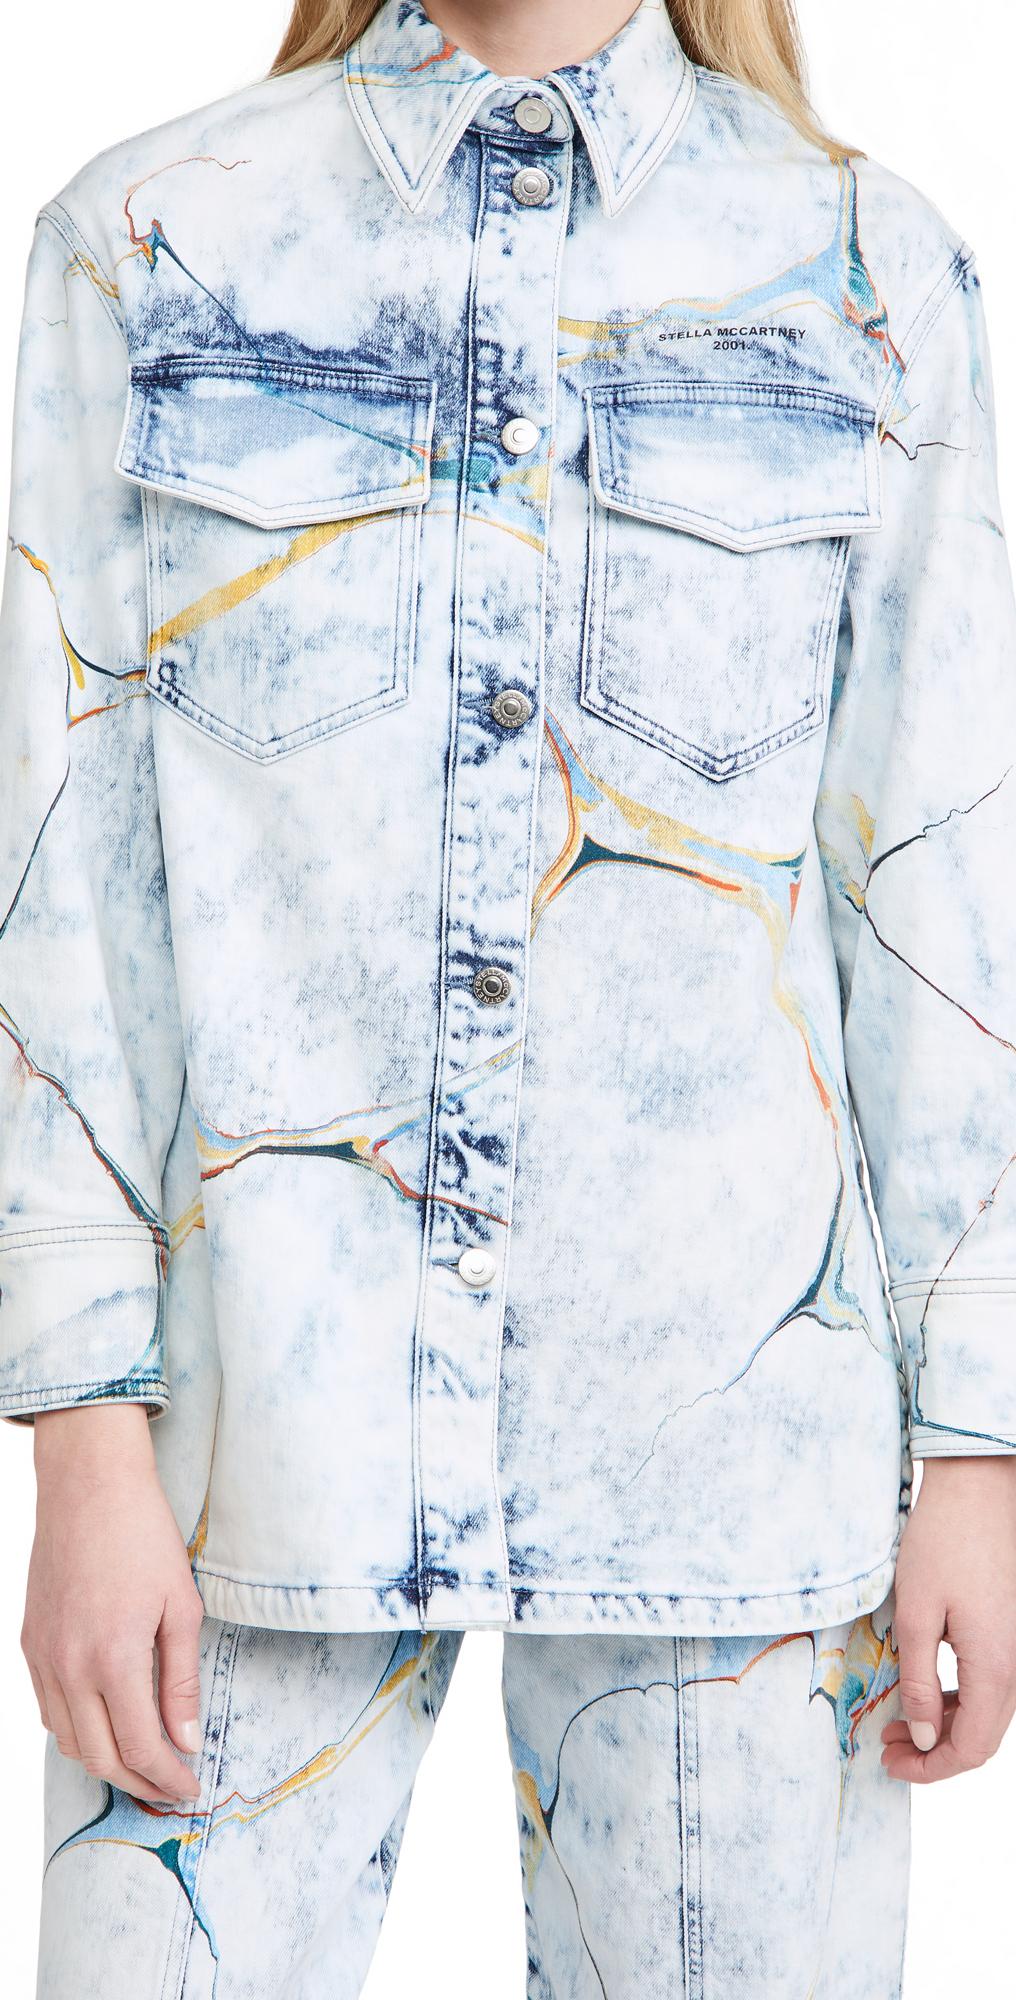 Stella McCartney New Shirt Jacket Marble On Pale Blue Wash